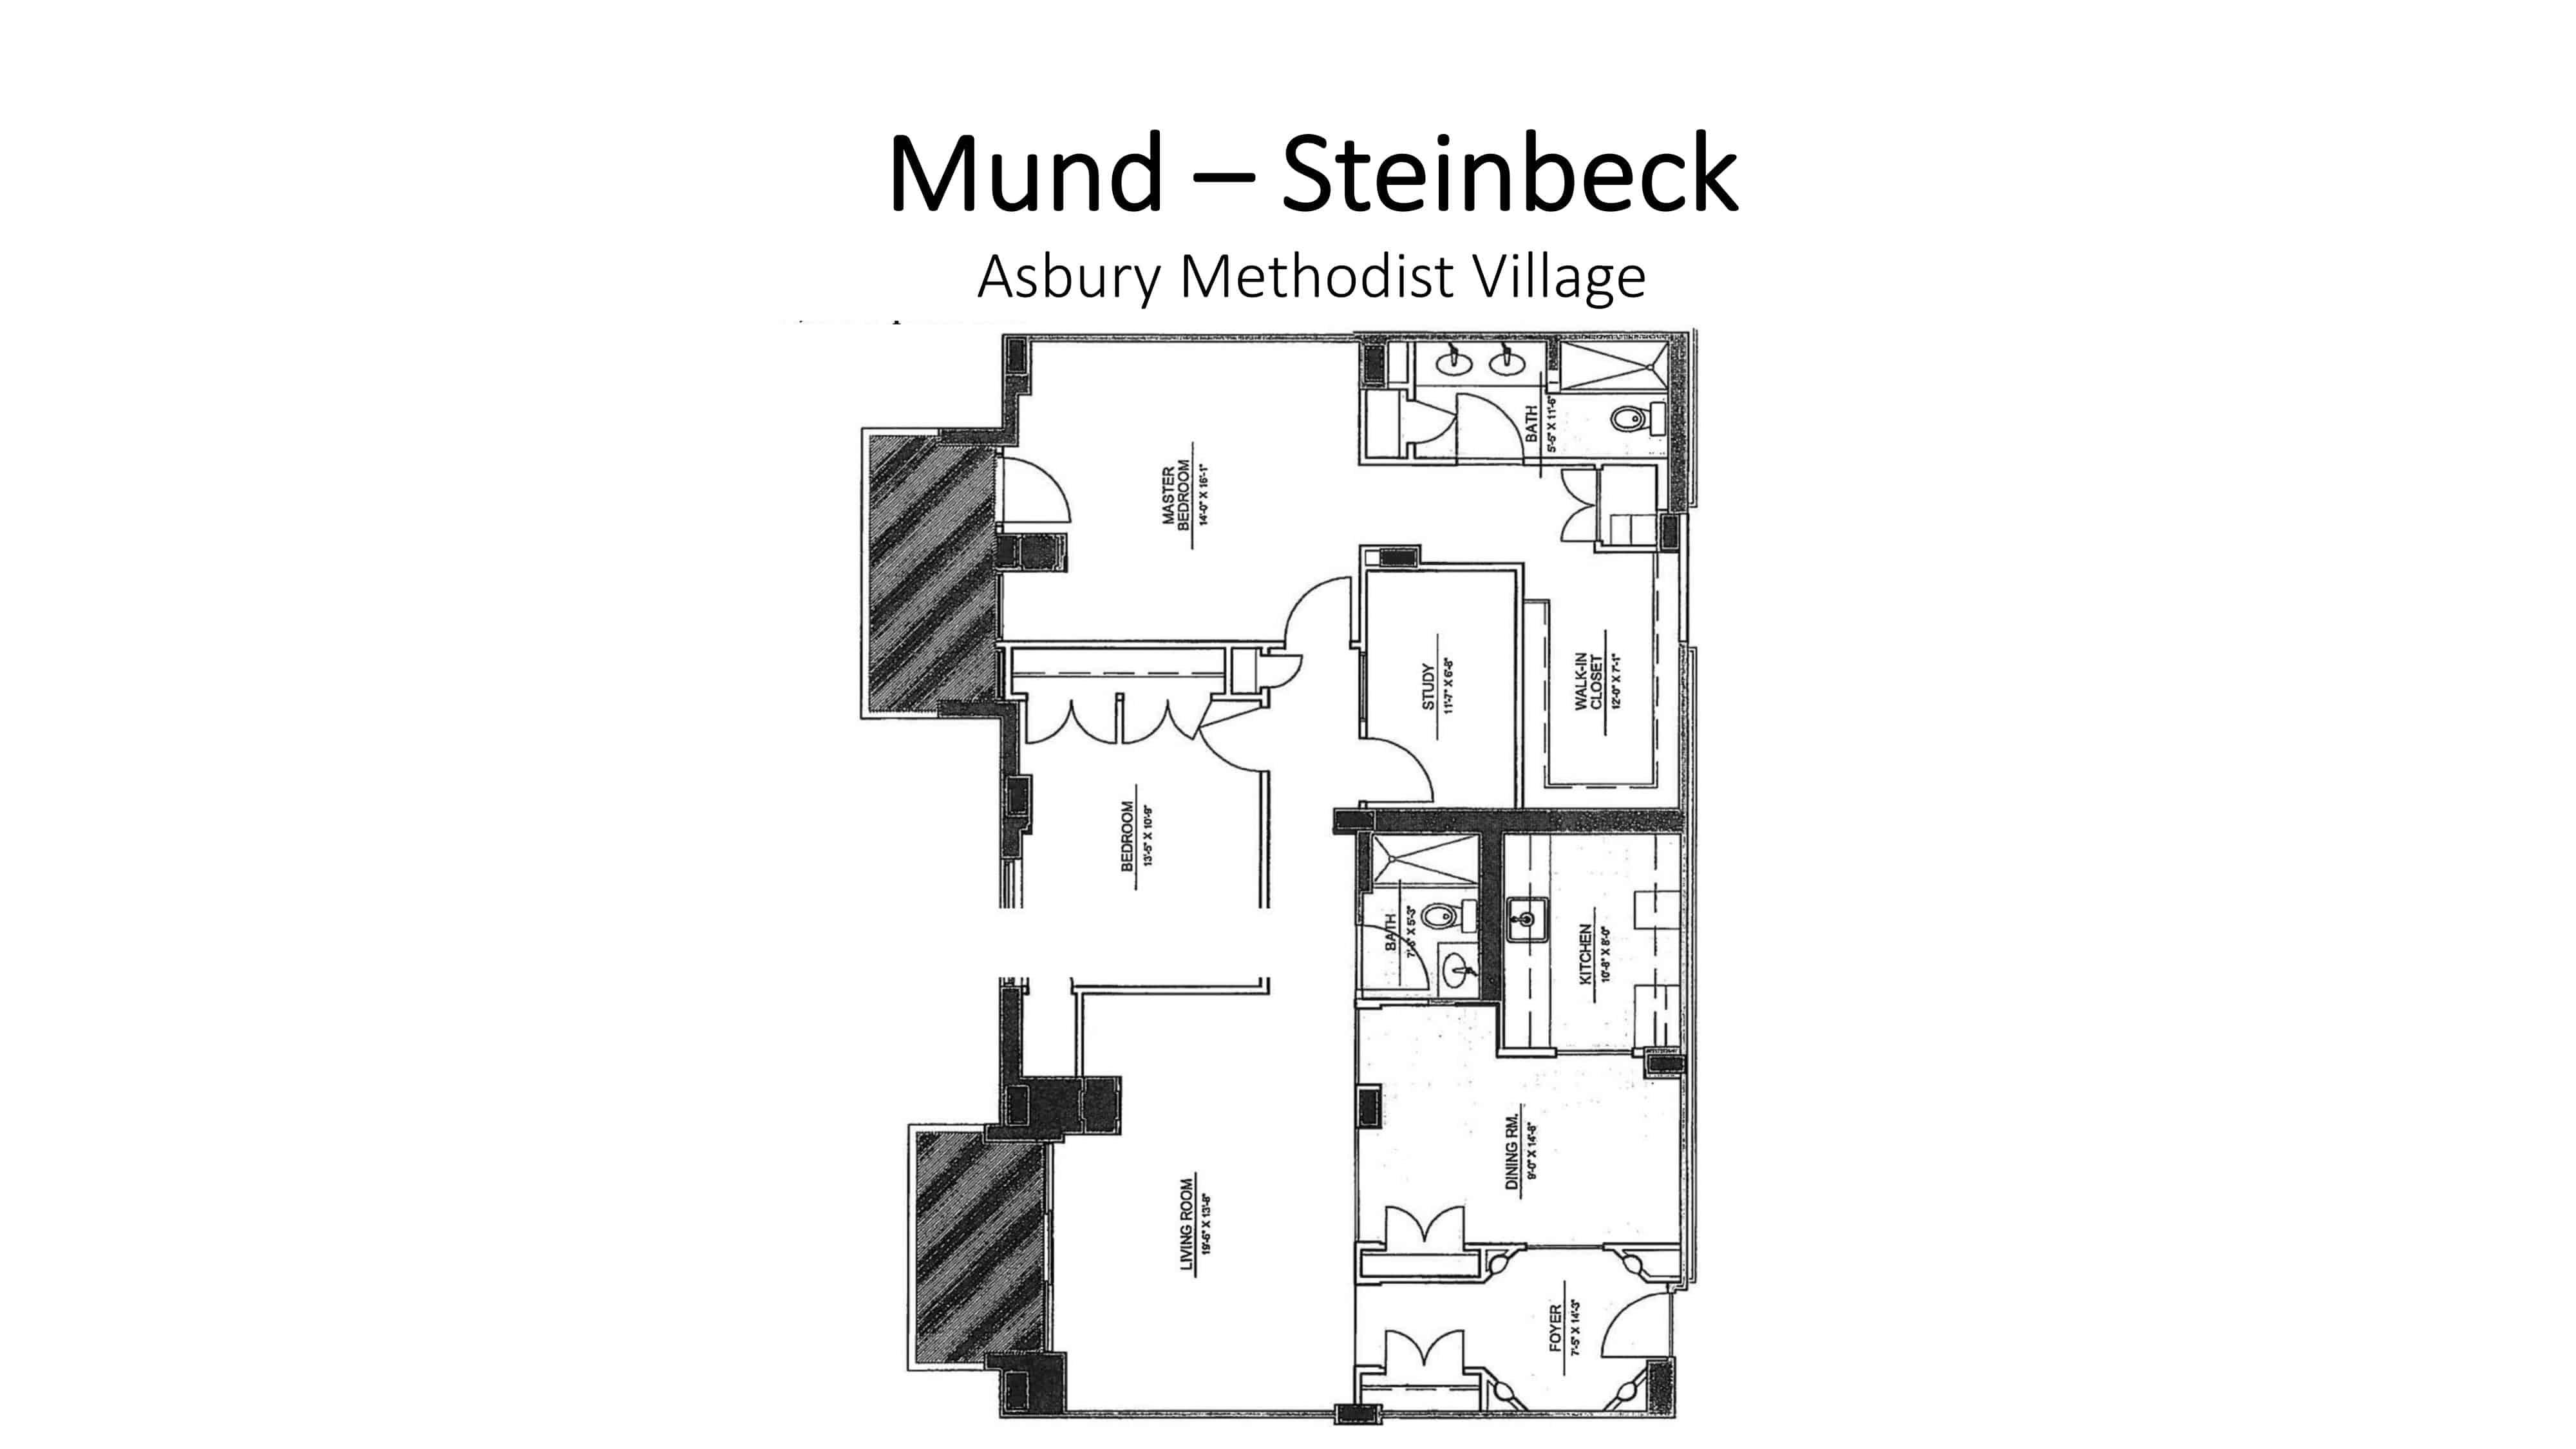 AMV Mund - Steinbeck